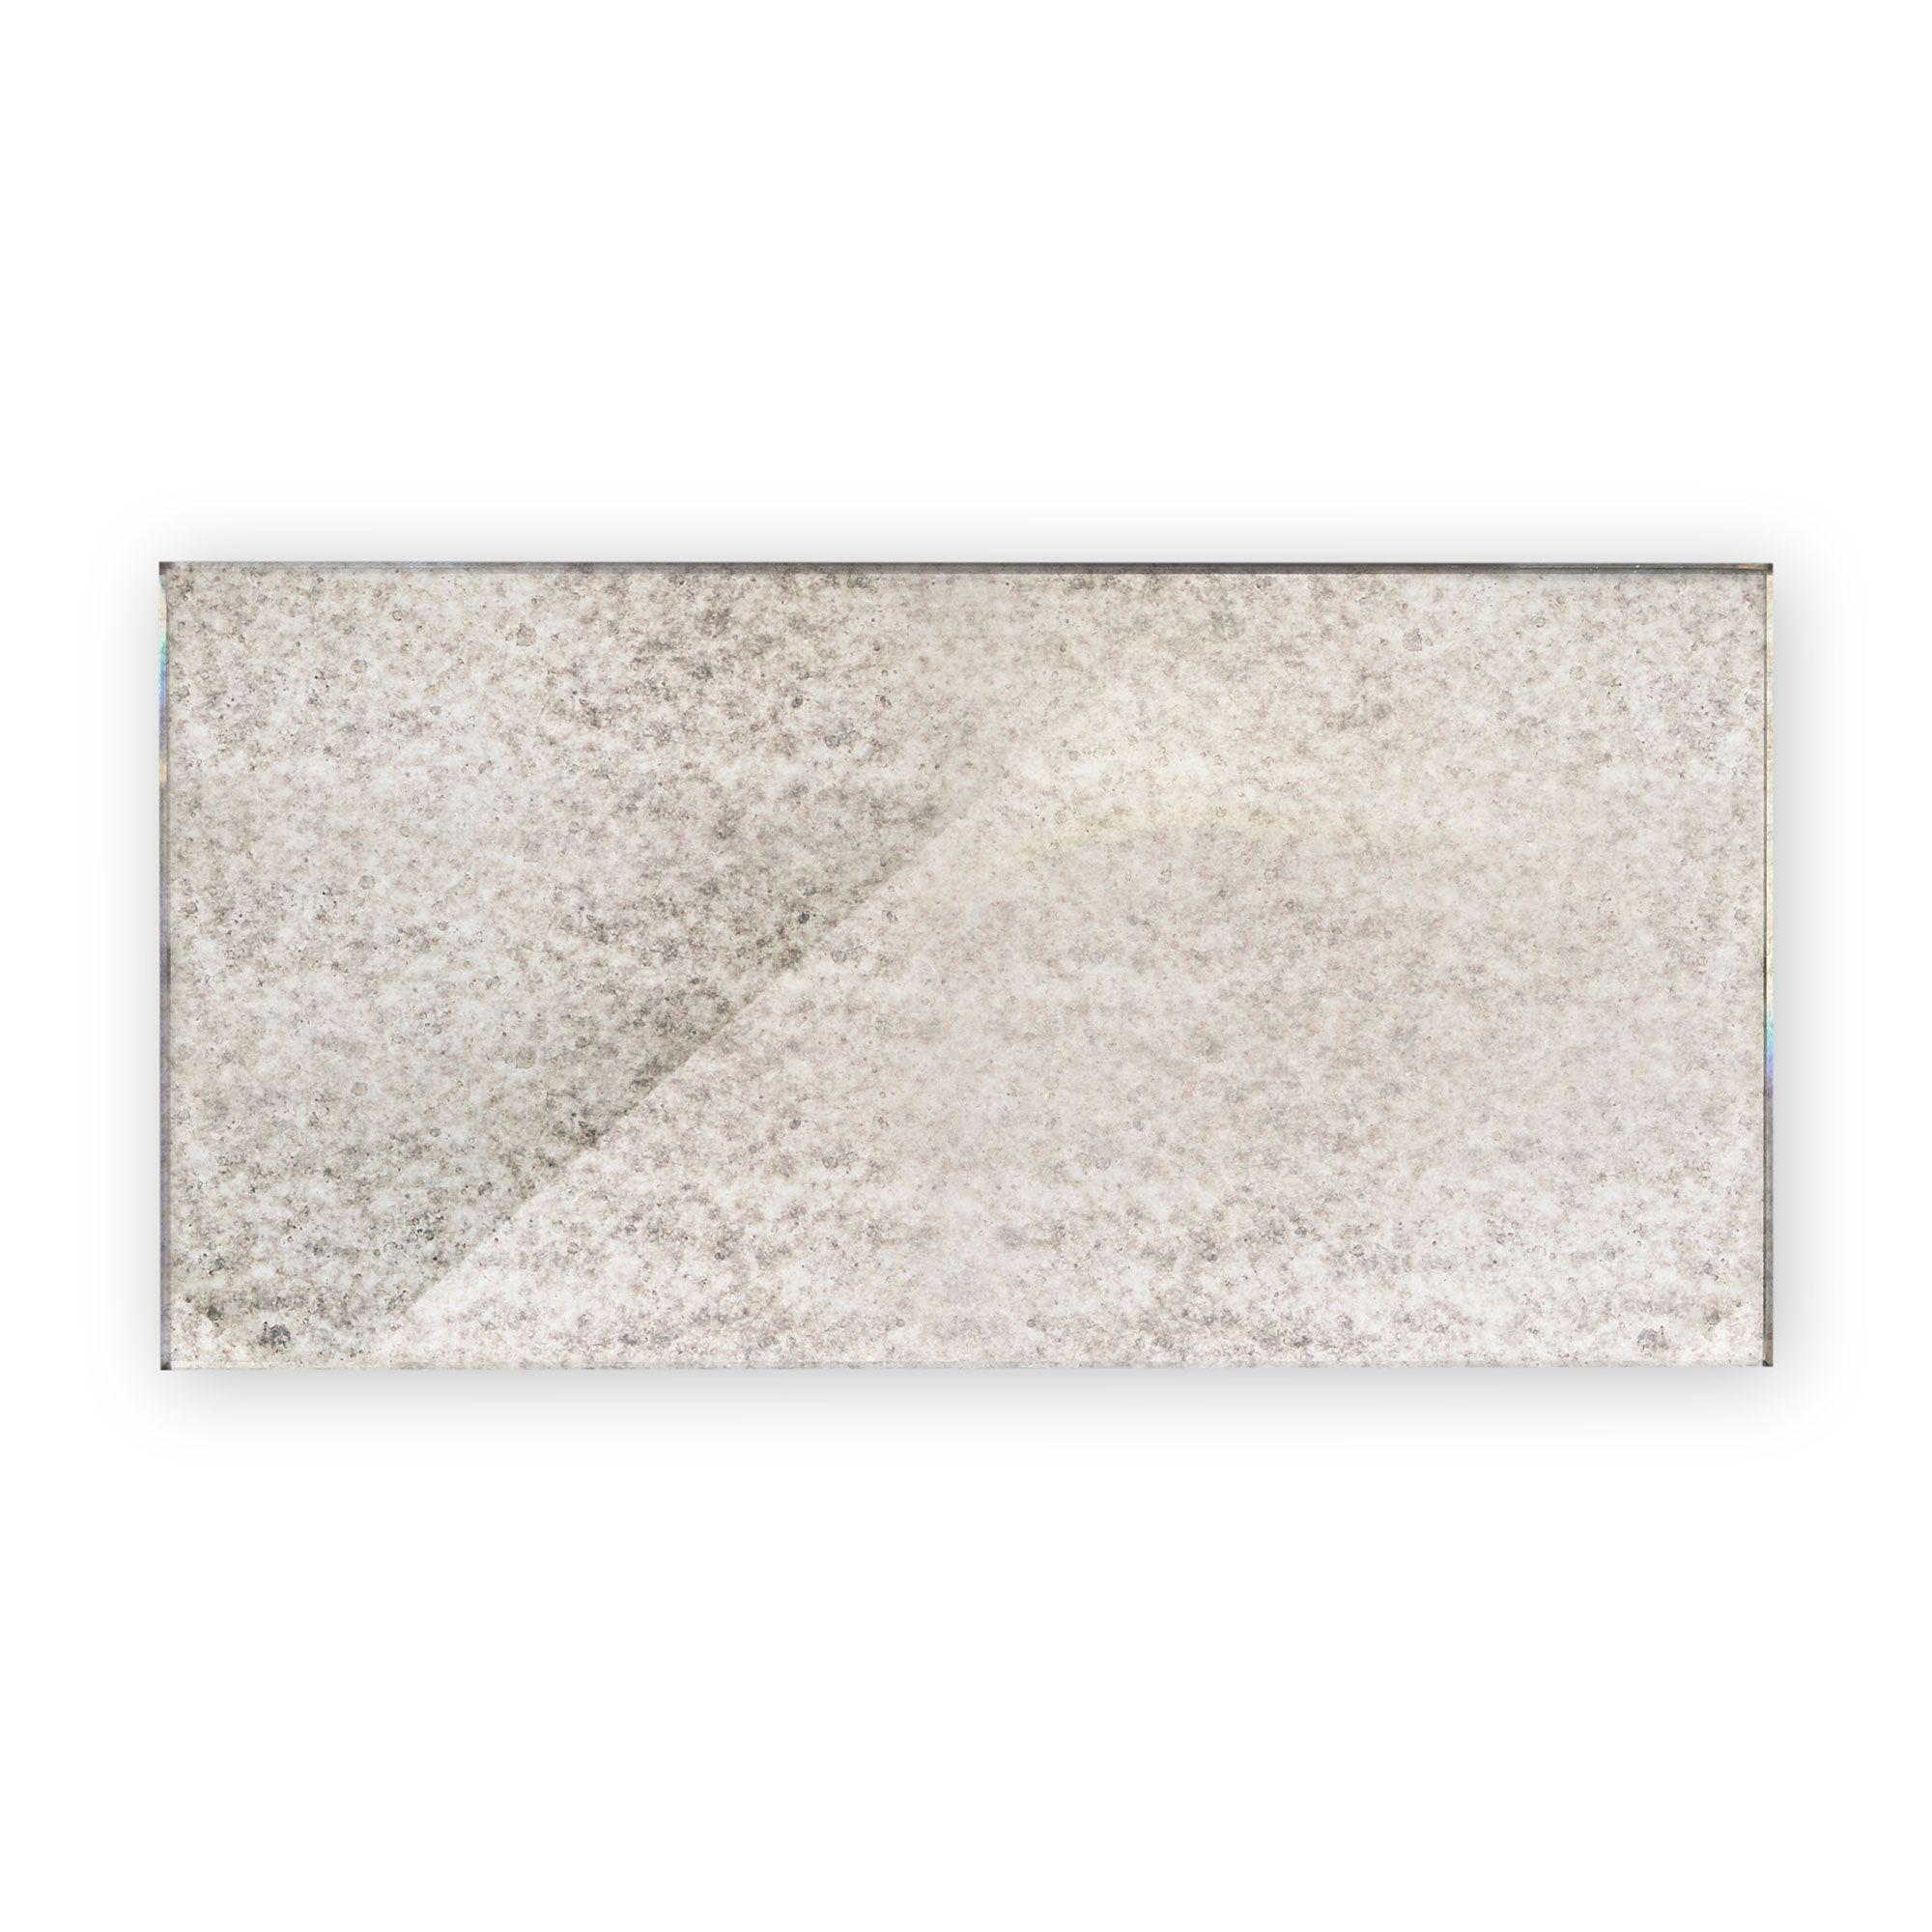 Deco Glass Silver